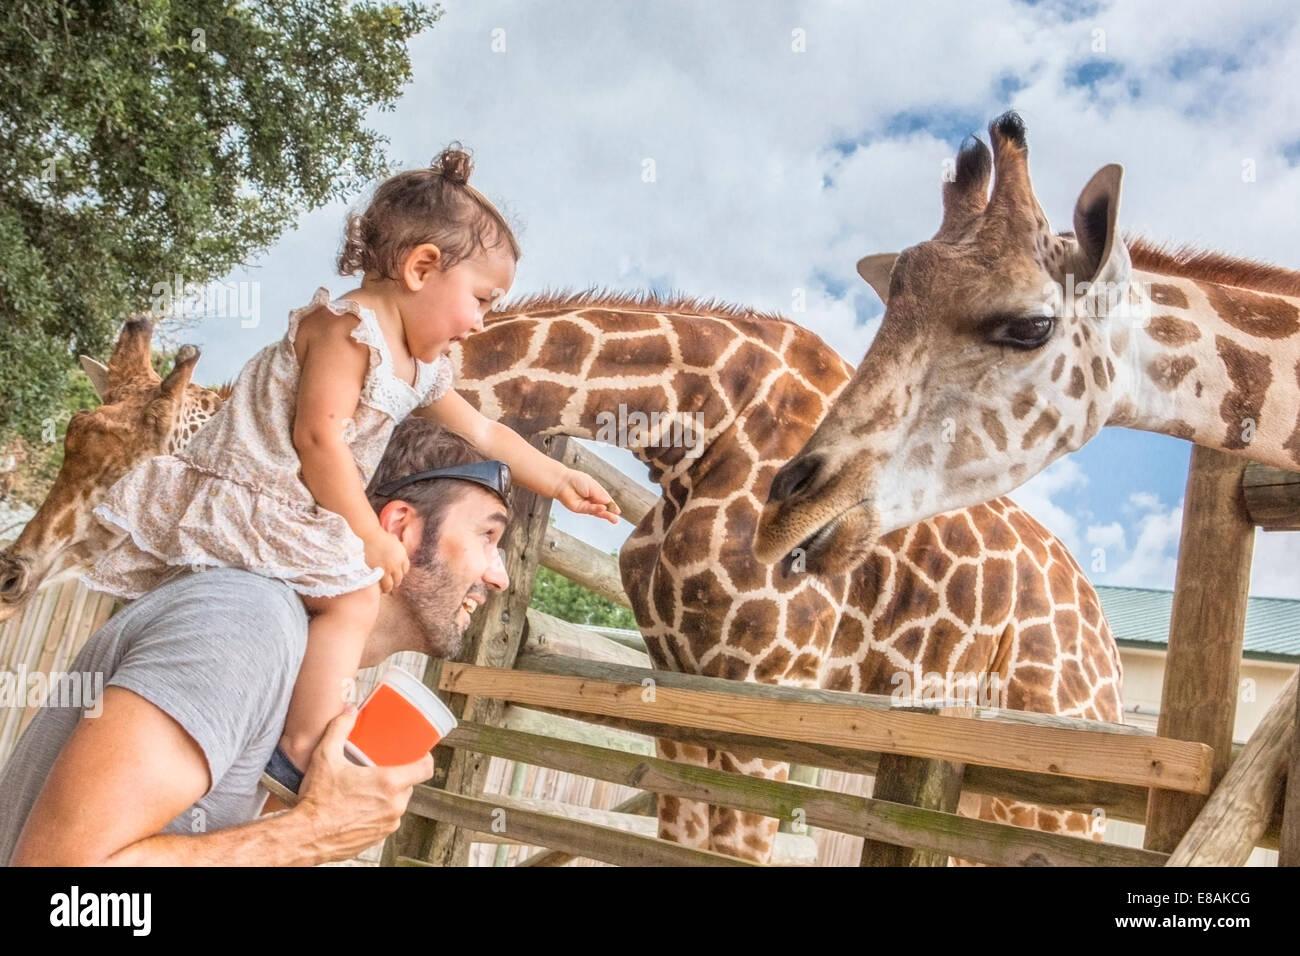 Bambina sulle spalle dei padri alimentando le giraffe allo zoo Immagini Stock